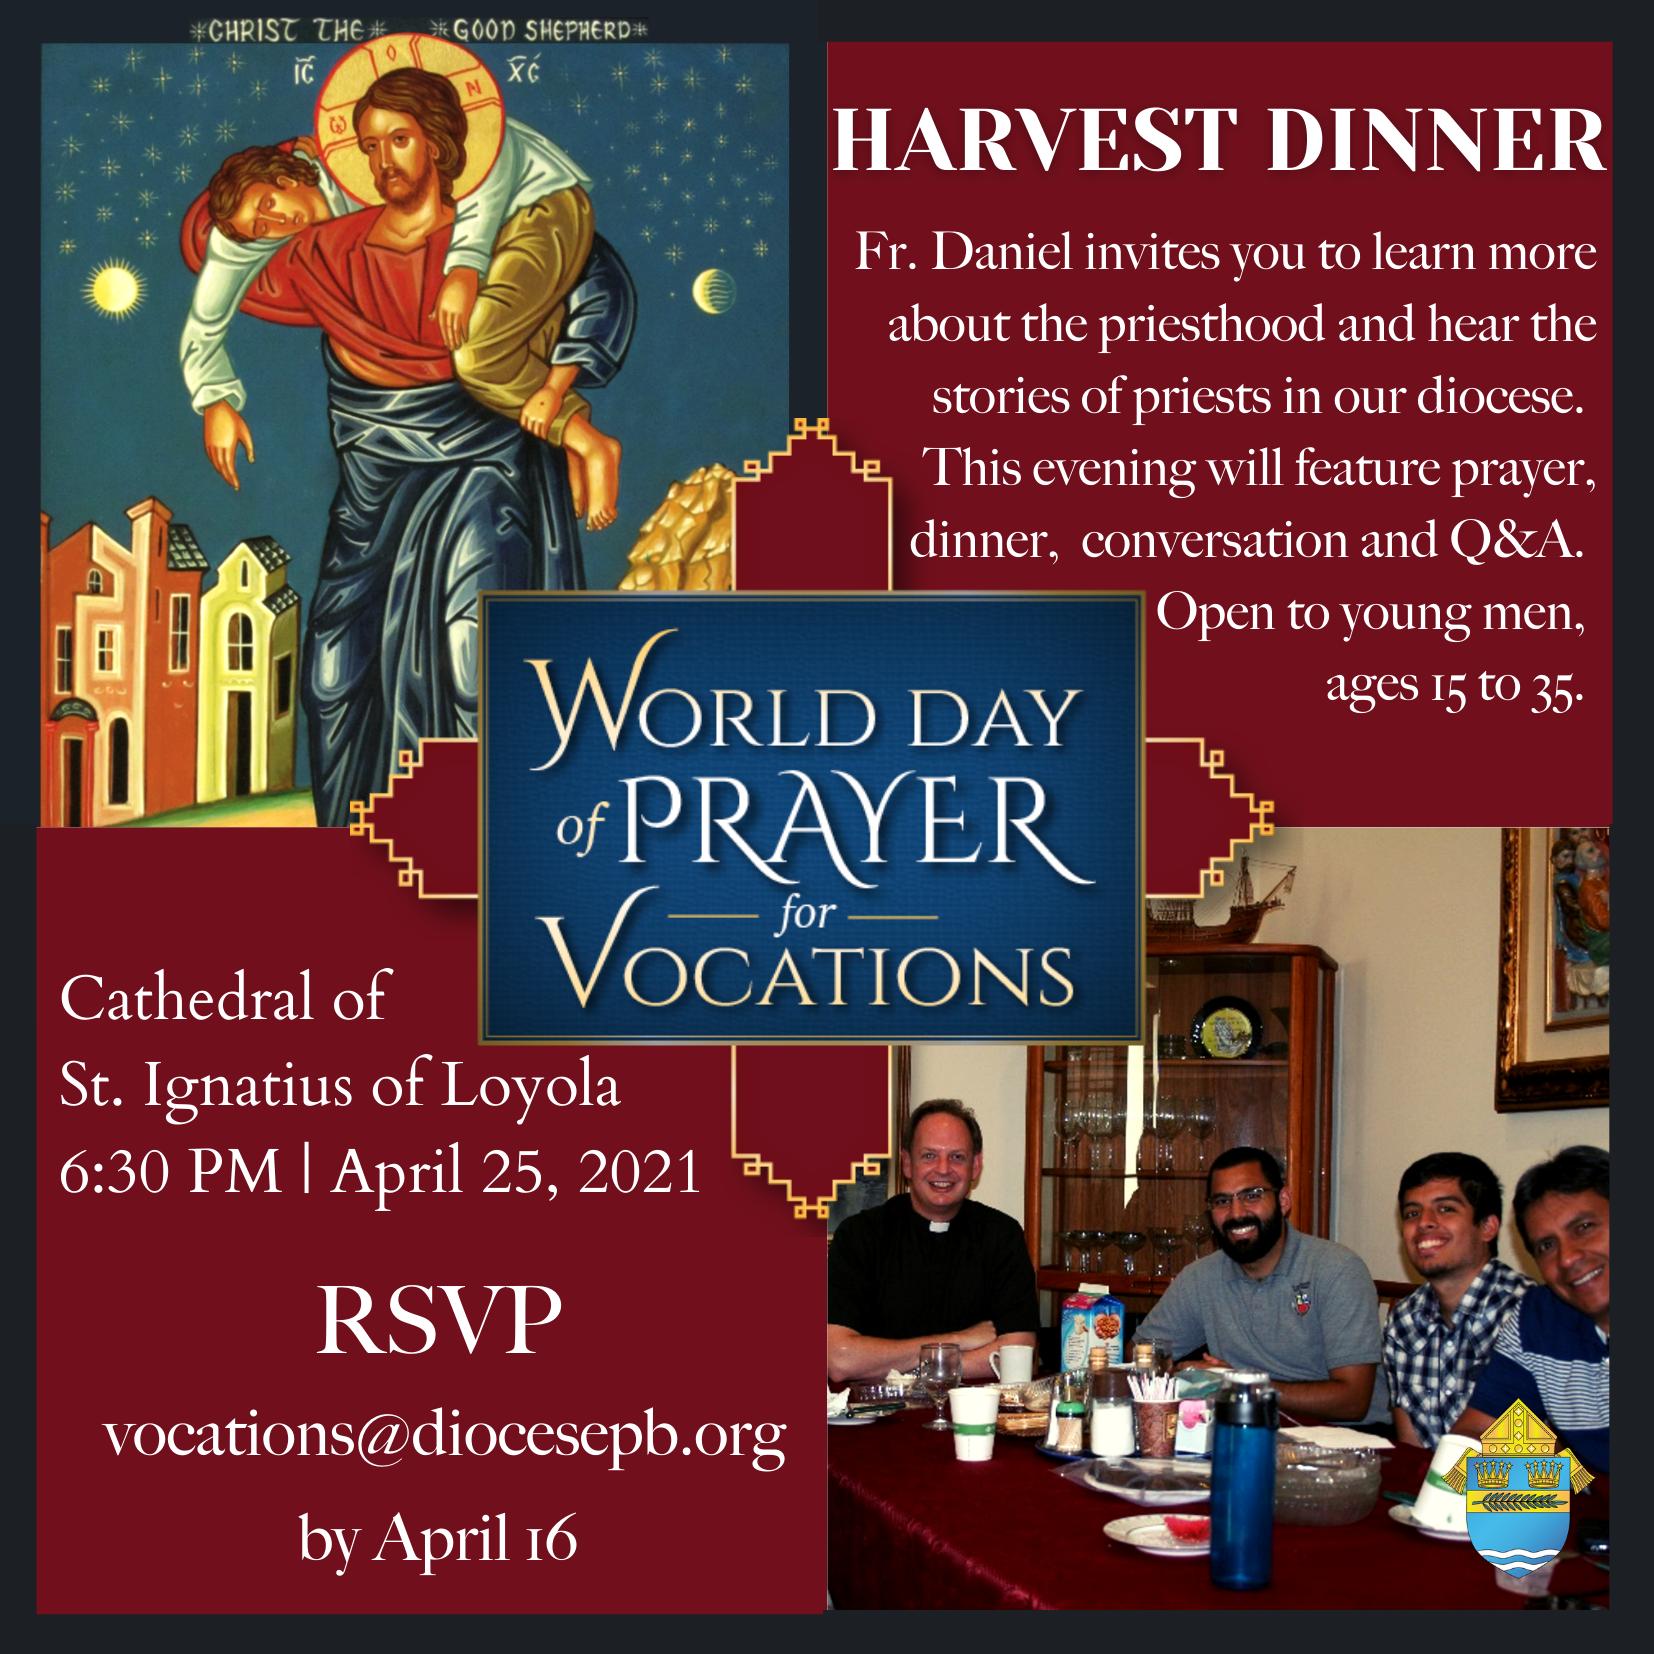 World Day of Prayer for Vocations Harvest Dinner